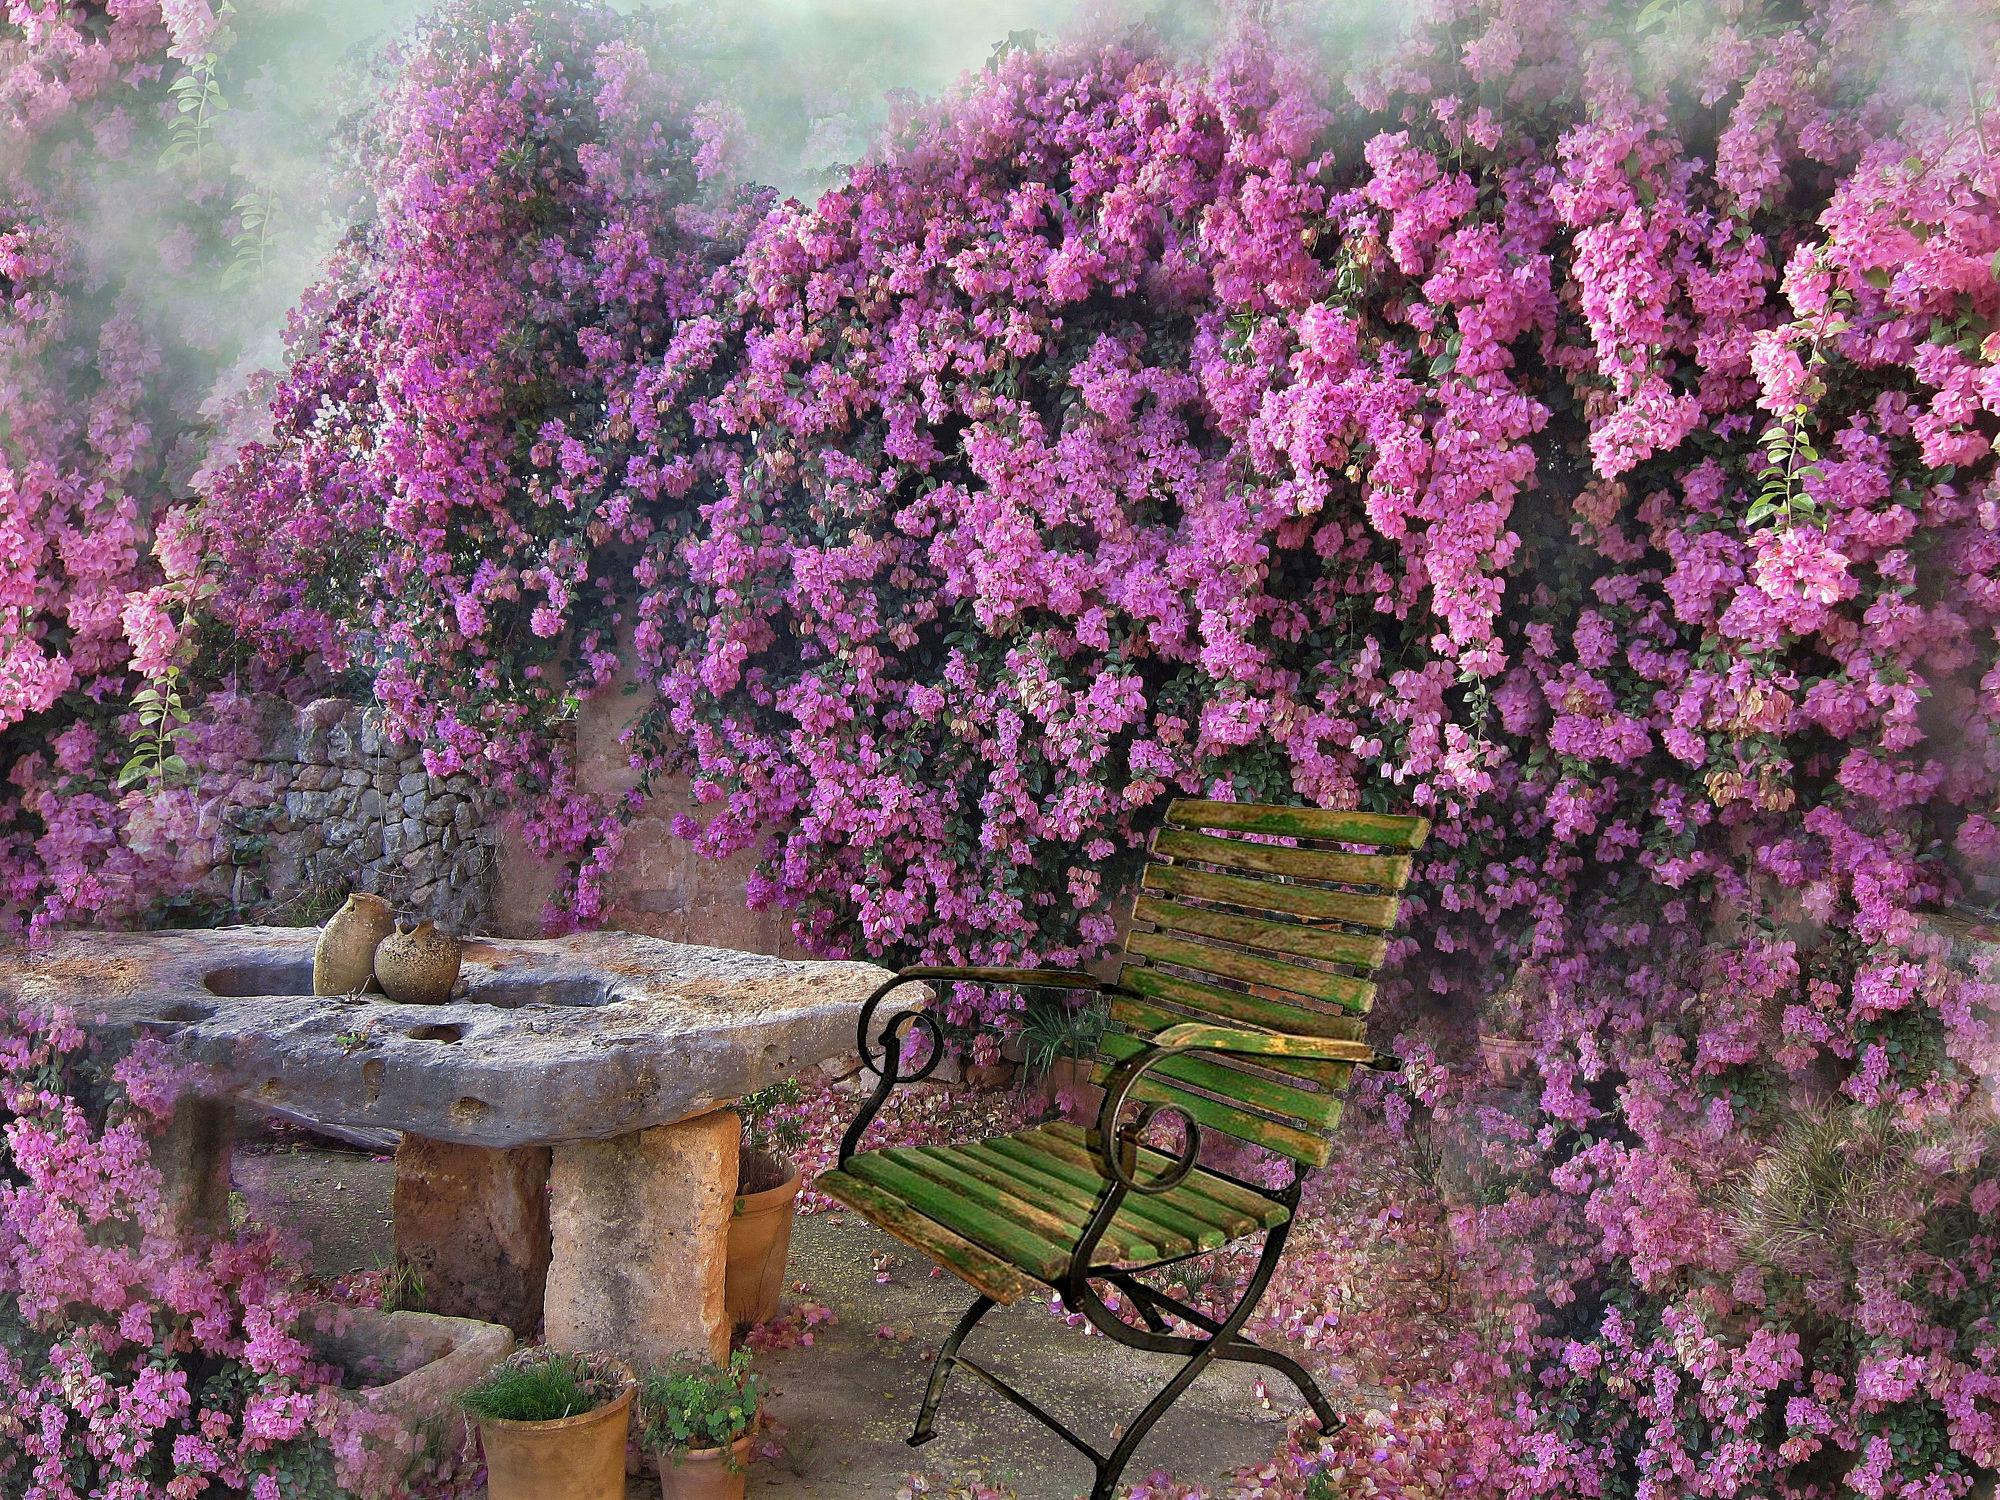 Bild mit Blumen, Blume, Pflanze, Pflanze, romantik, Floral, Stilleben, Blüten, Florales, blüte, romantisch